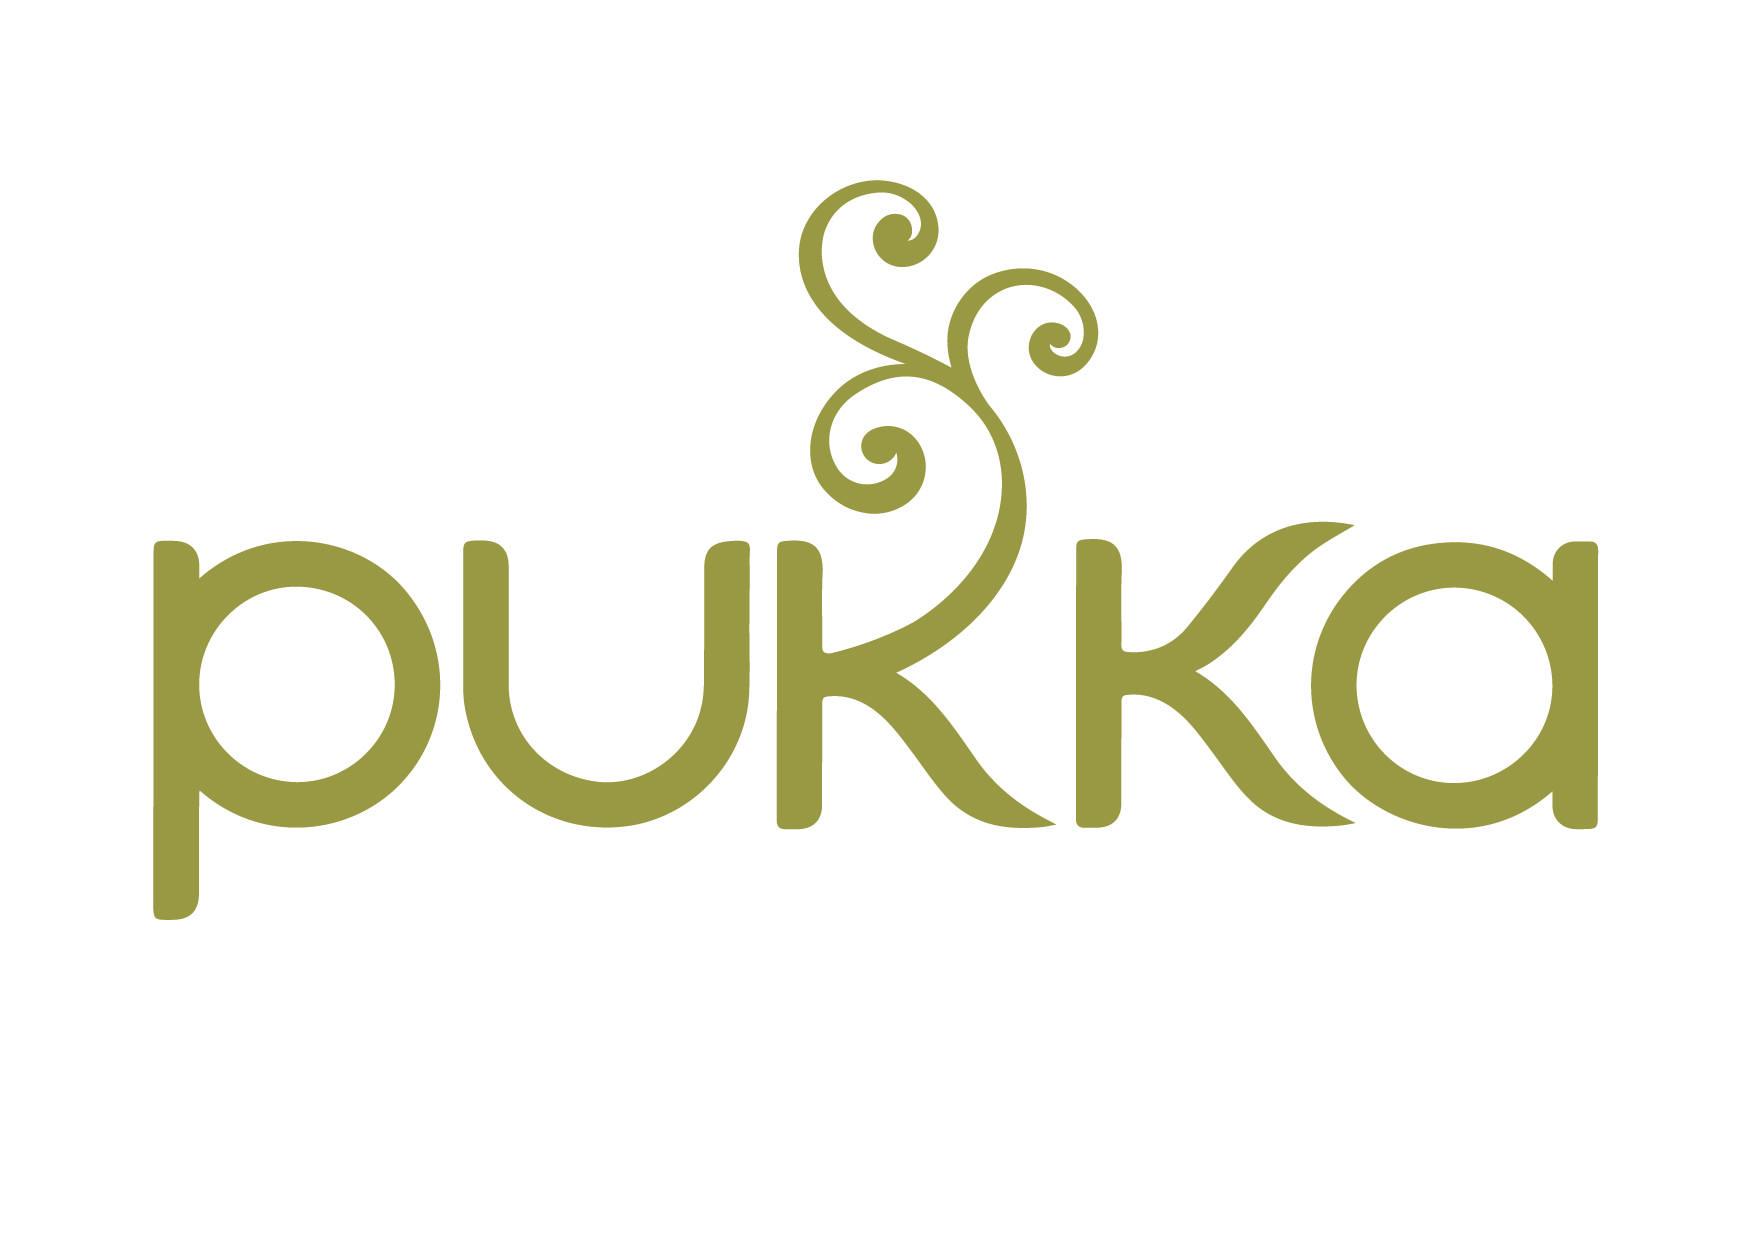 PUKKA-NAMING-CREADS